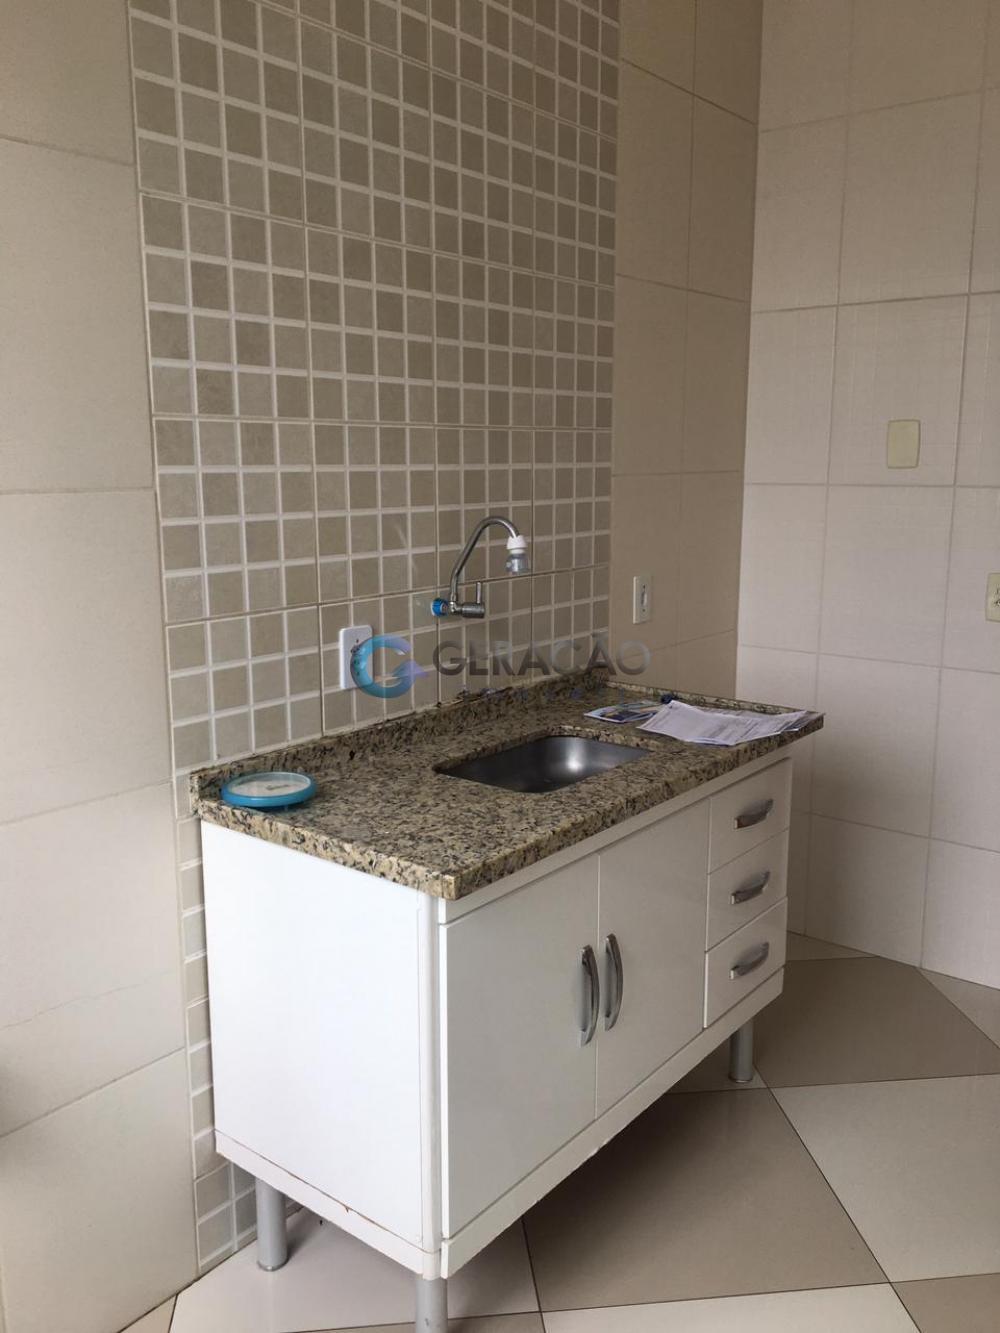 Comprar Apartamento / Padrão em São José dos Campos R$ 176.000,00 - Foto 6